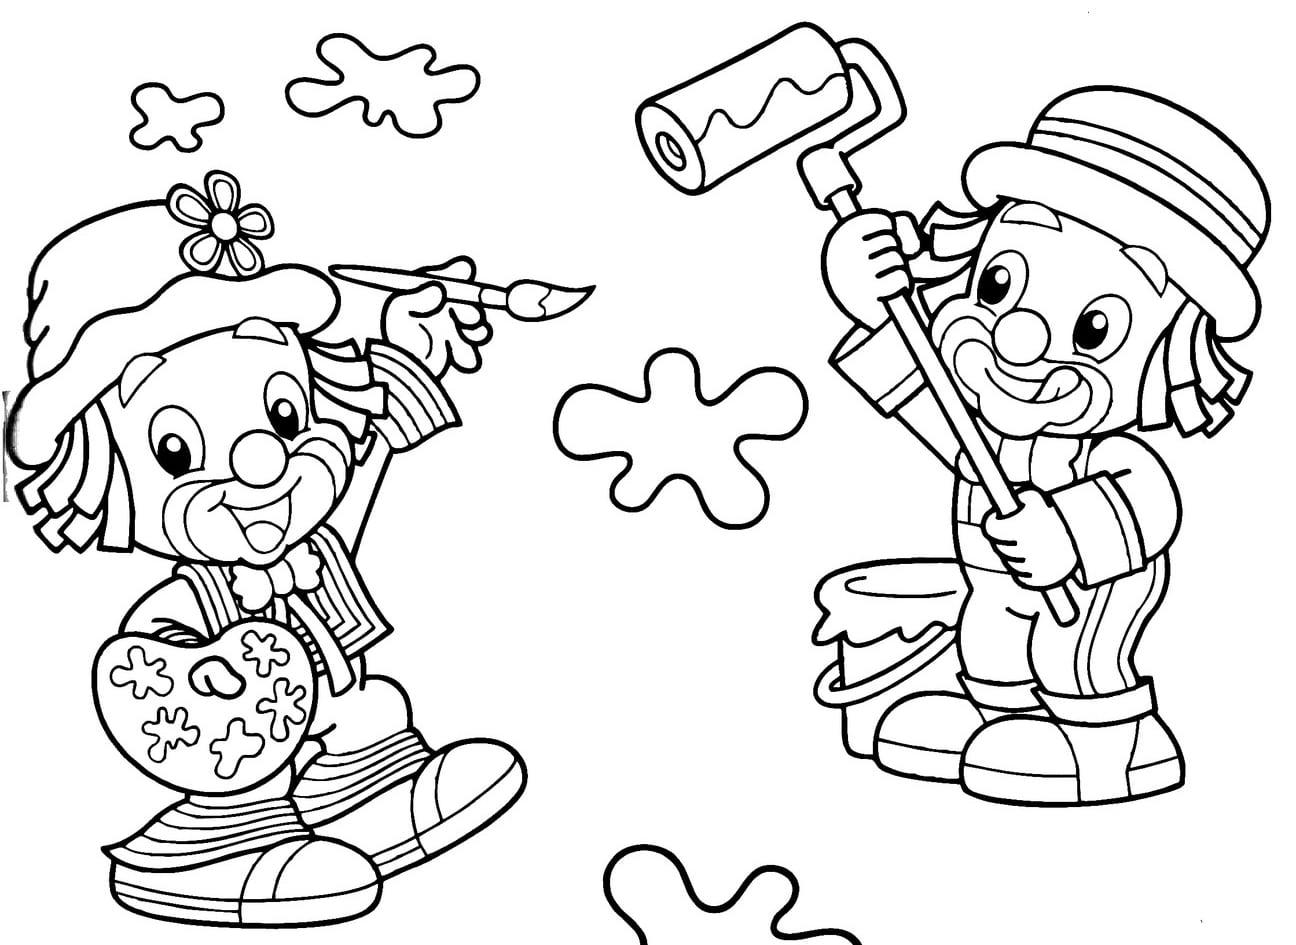 Desenhos Do Patati Patatá Para Colorir E Imprimir